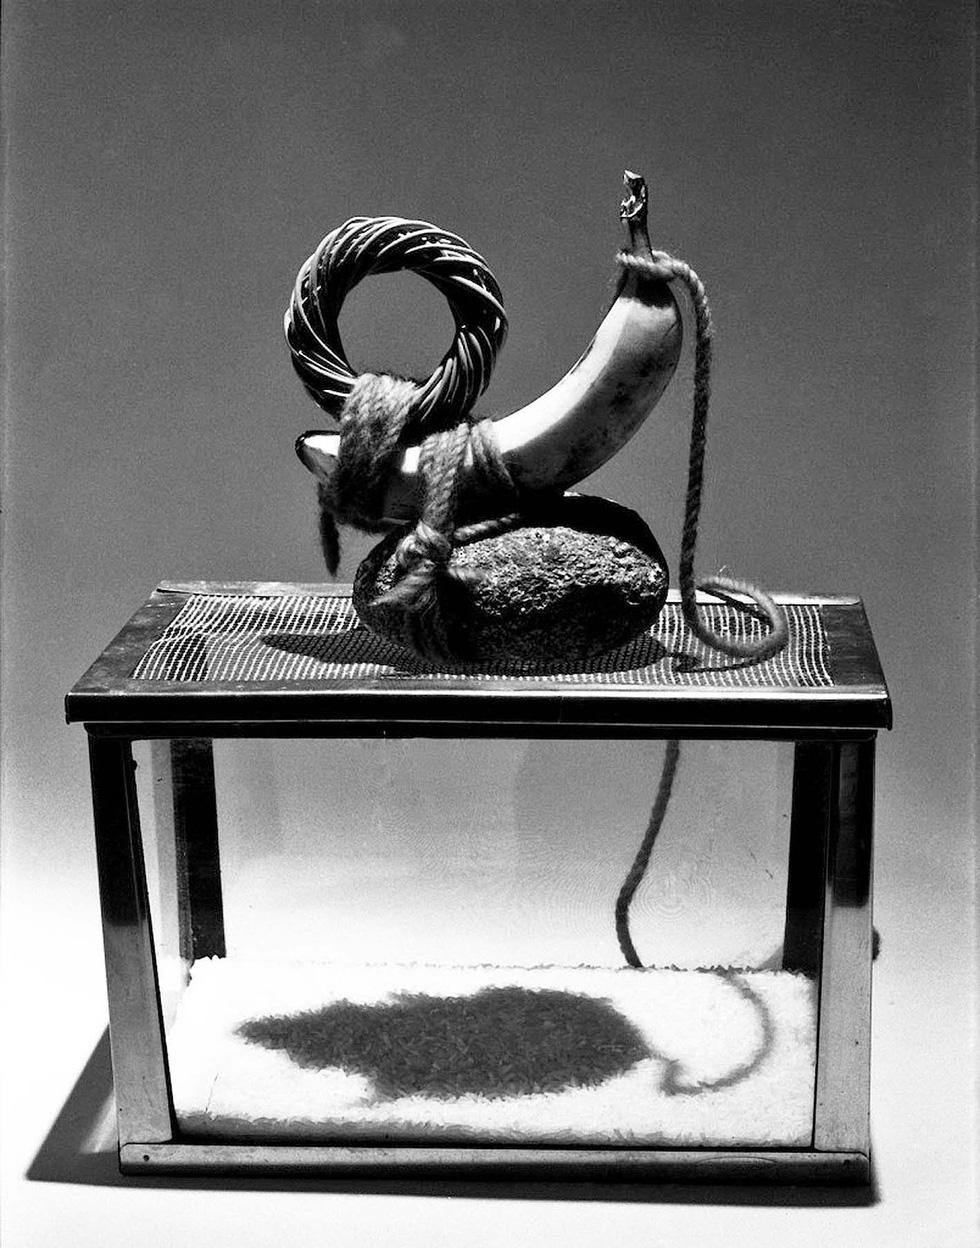 Chuột: Minh họa cho huyền thoại, lòng tin và cả ảo tưởng của chúng ta - Ảnh 4.